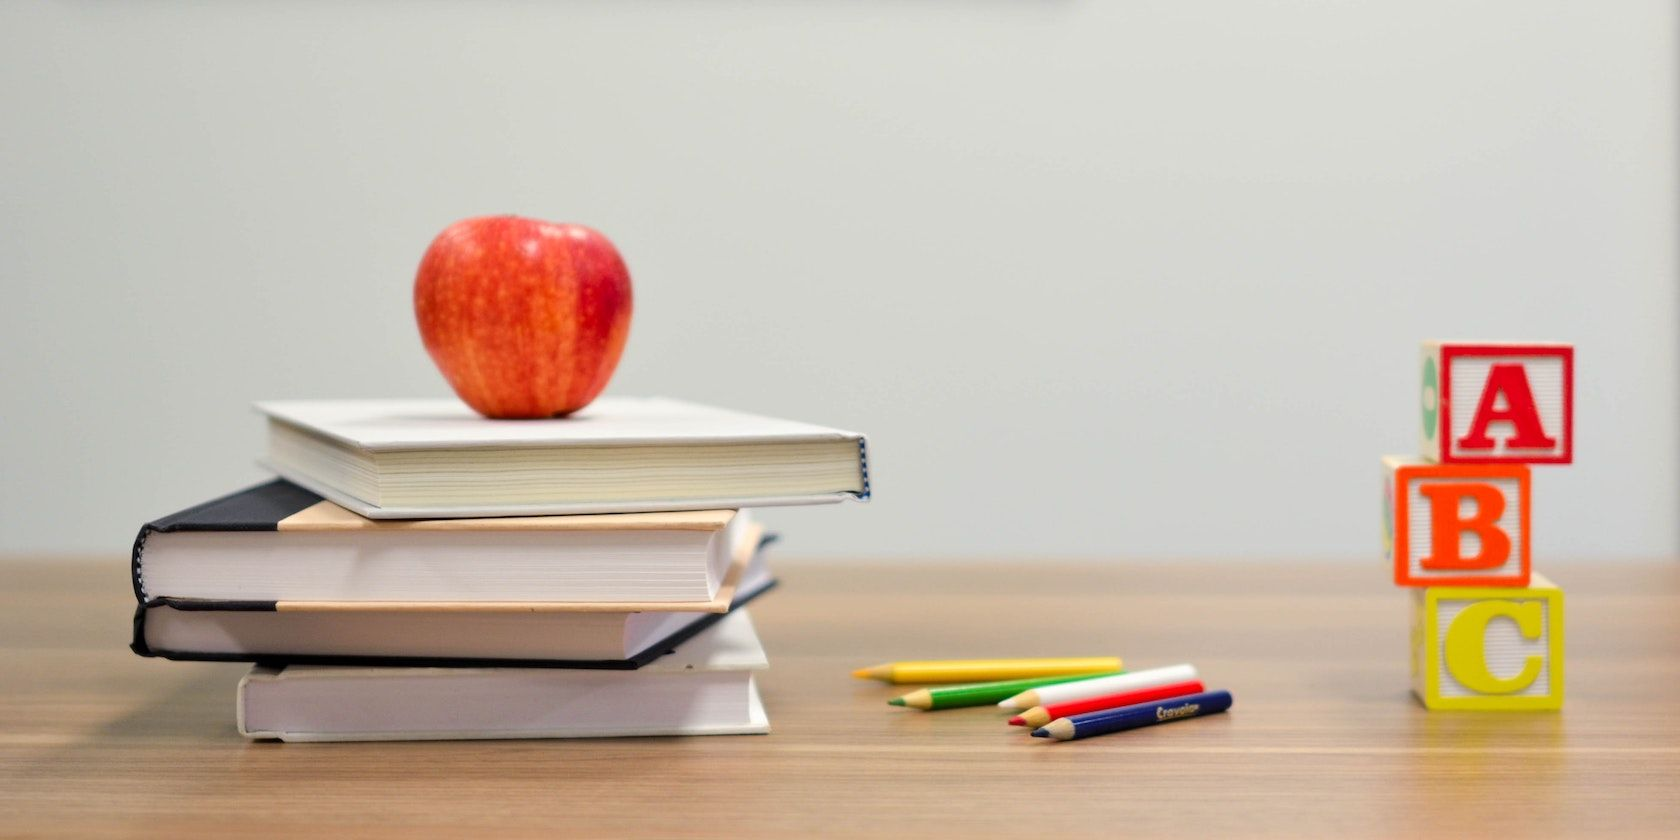 US Schools Have Been Buying Tools to Hack Student iPhones